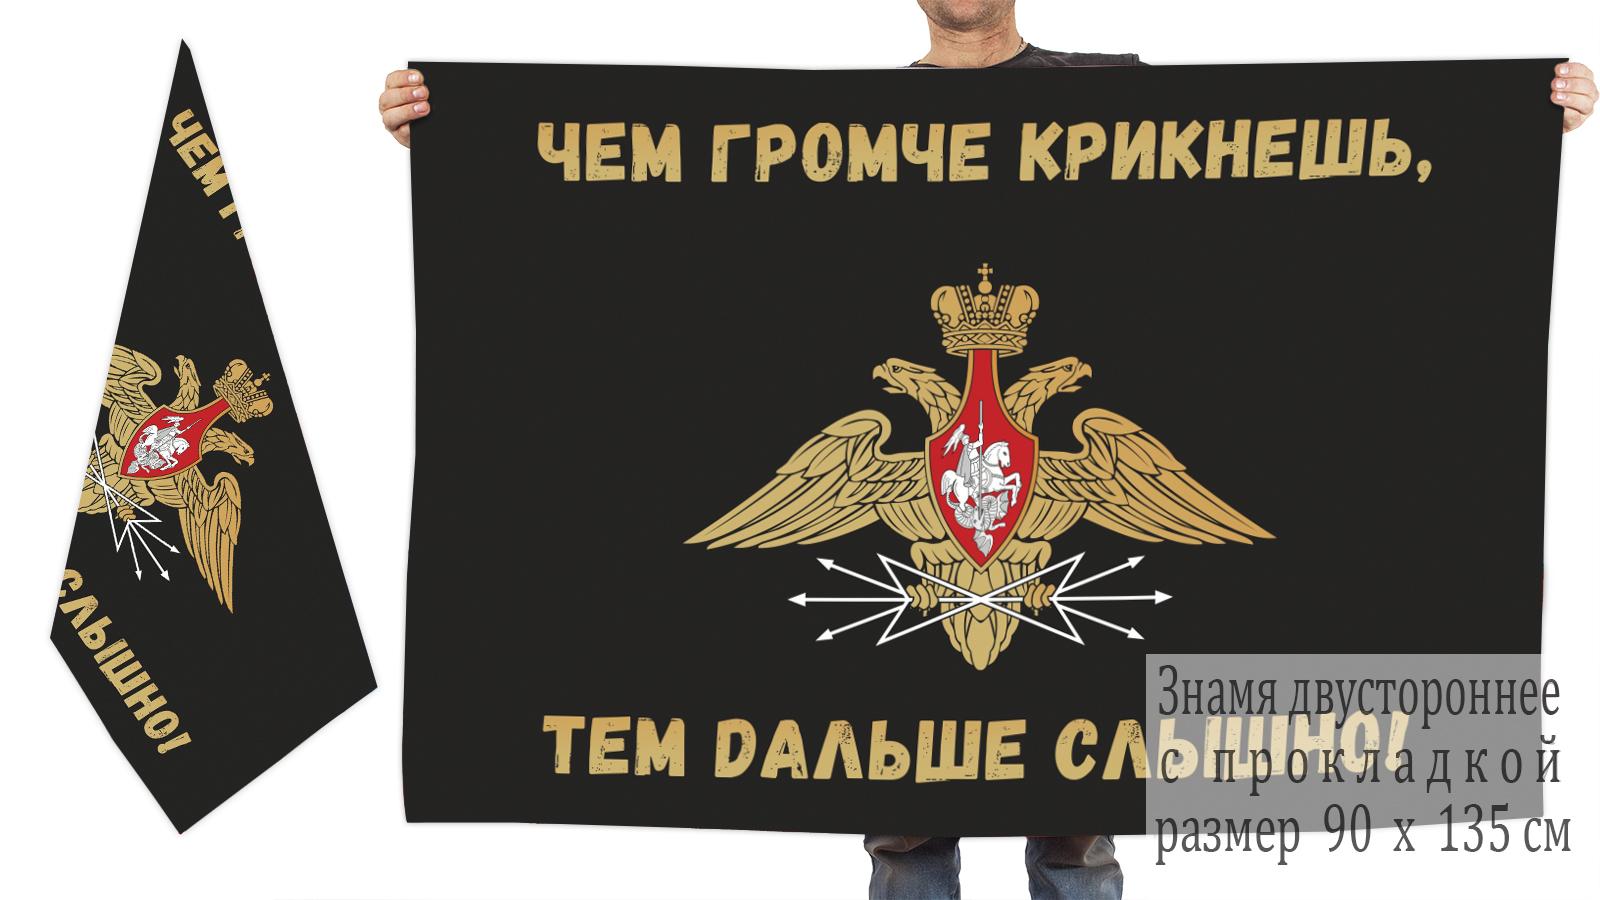 Черный флаг Войск связи со средней эмблемой